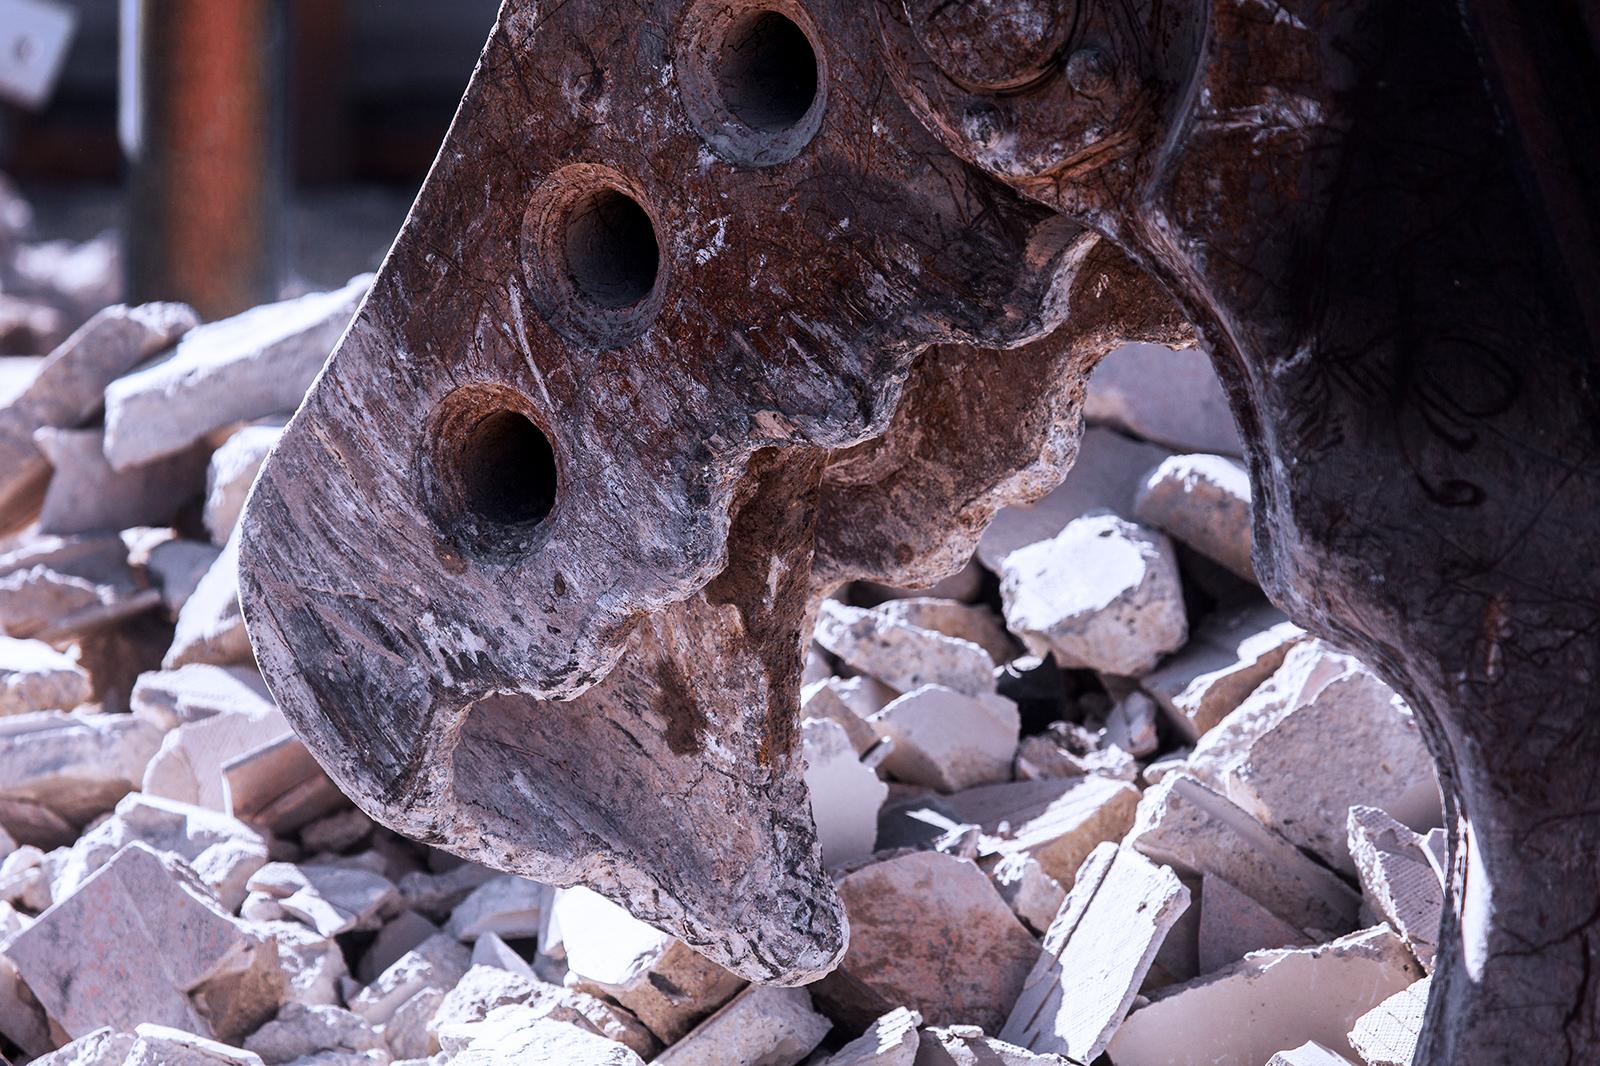 Maschinen für den Betonrückbau von K&S aus dem Kreis Rottweil